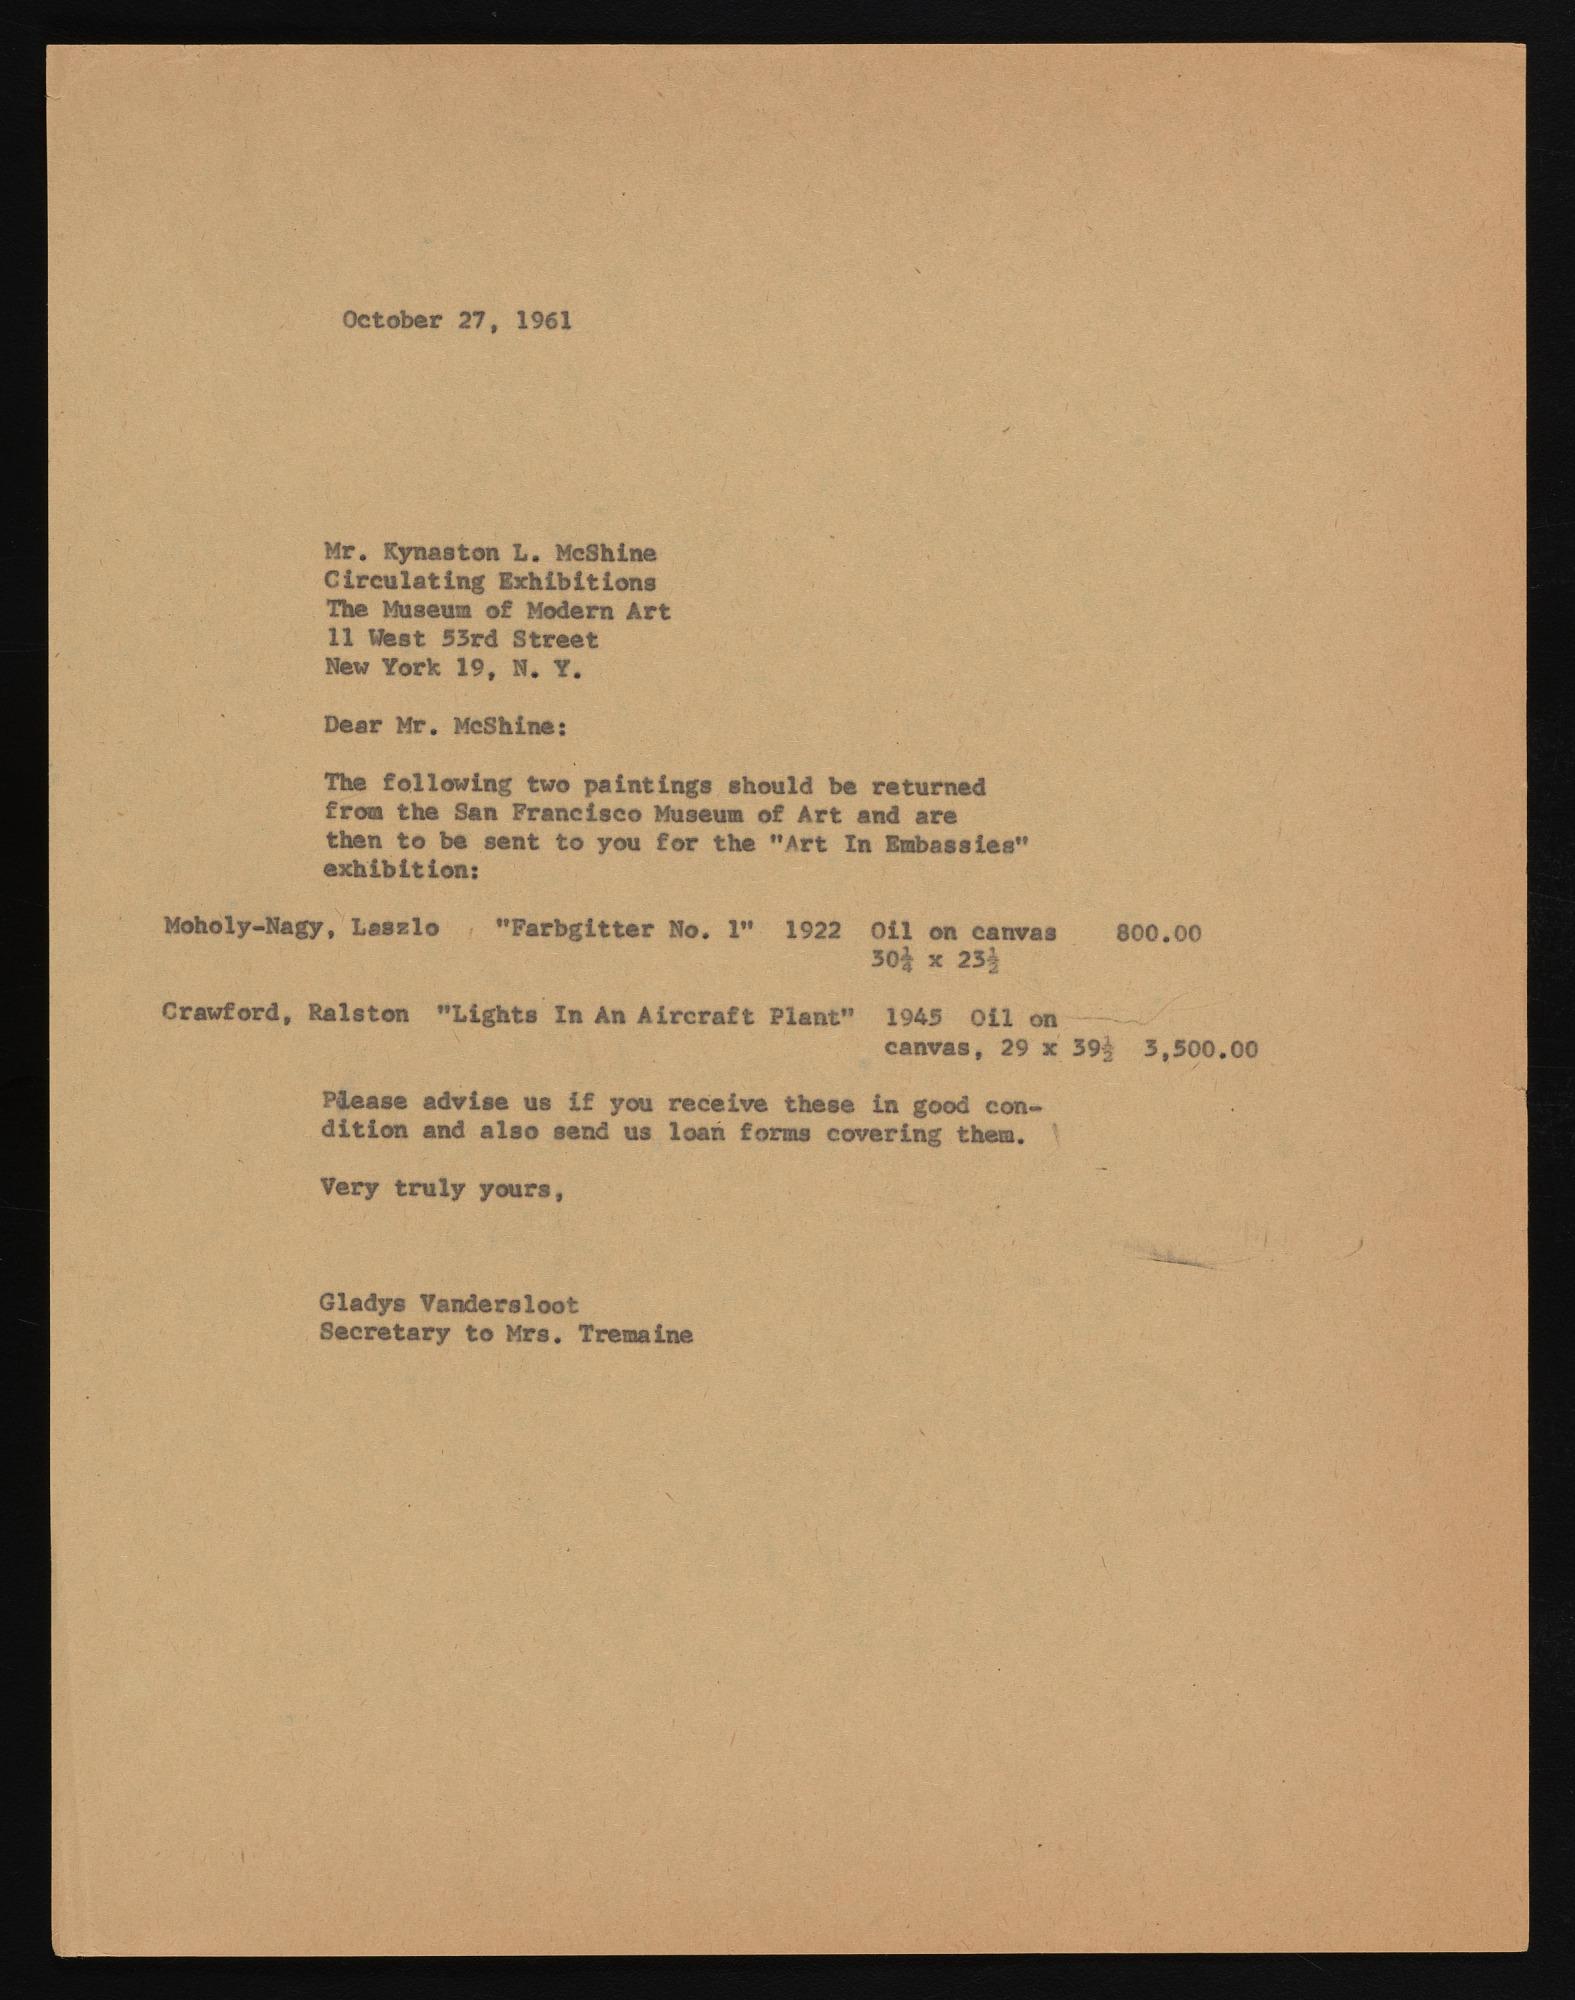 Exhibitions 1962, Art in Embassies Program